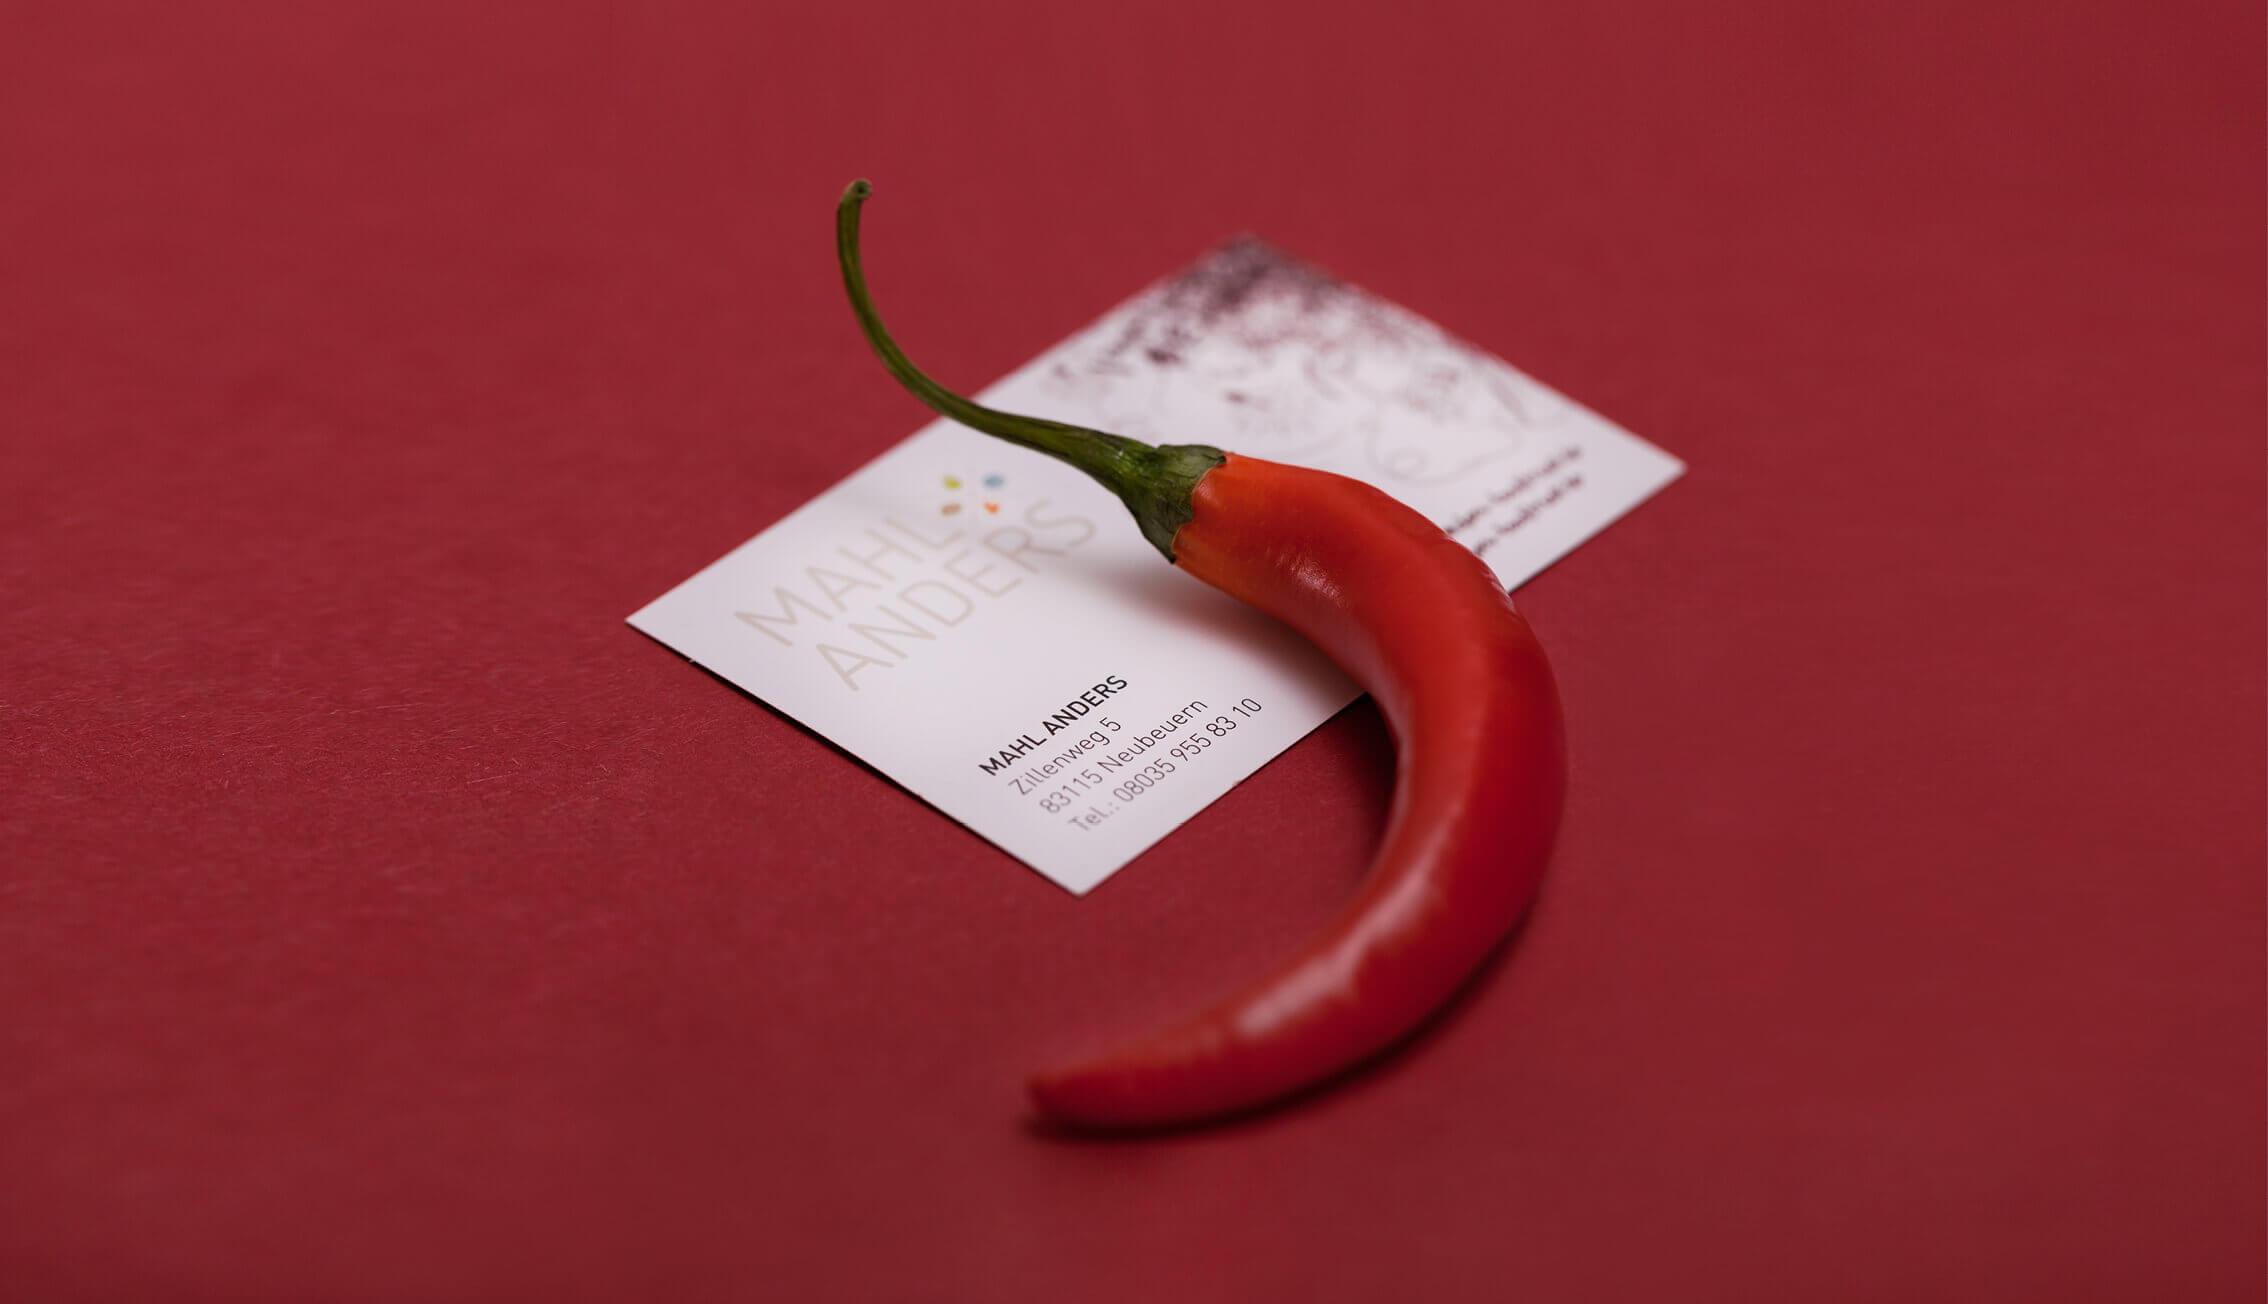 Mahl Anders - Chilli Visitenkarte